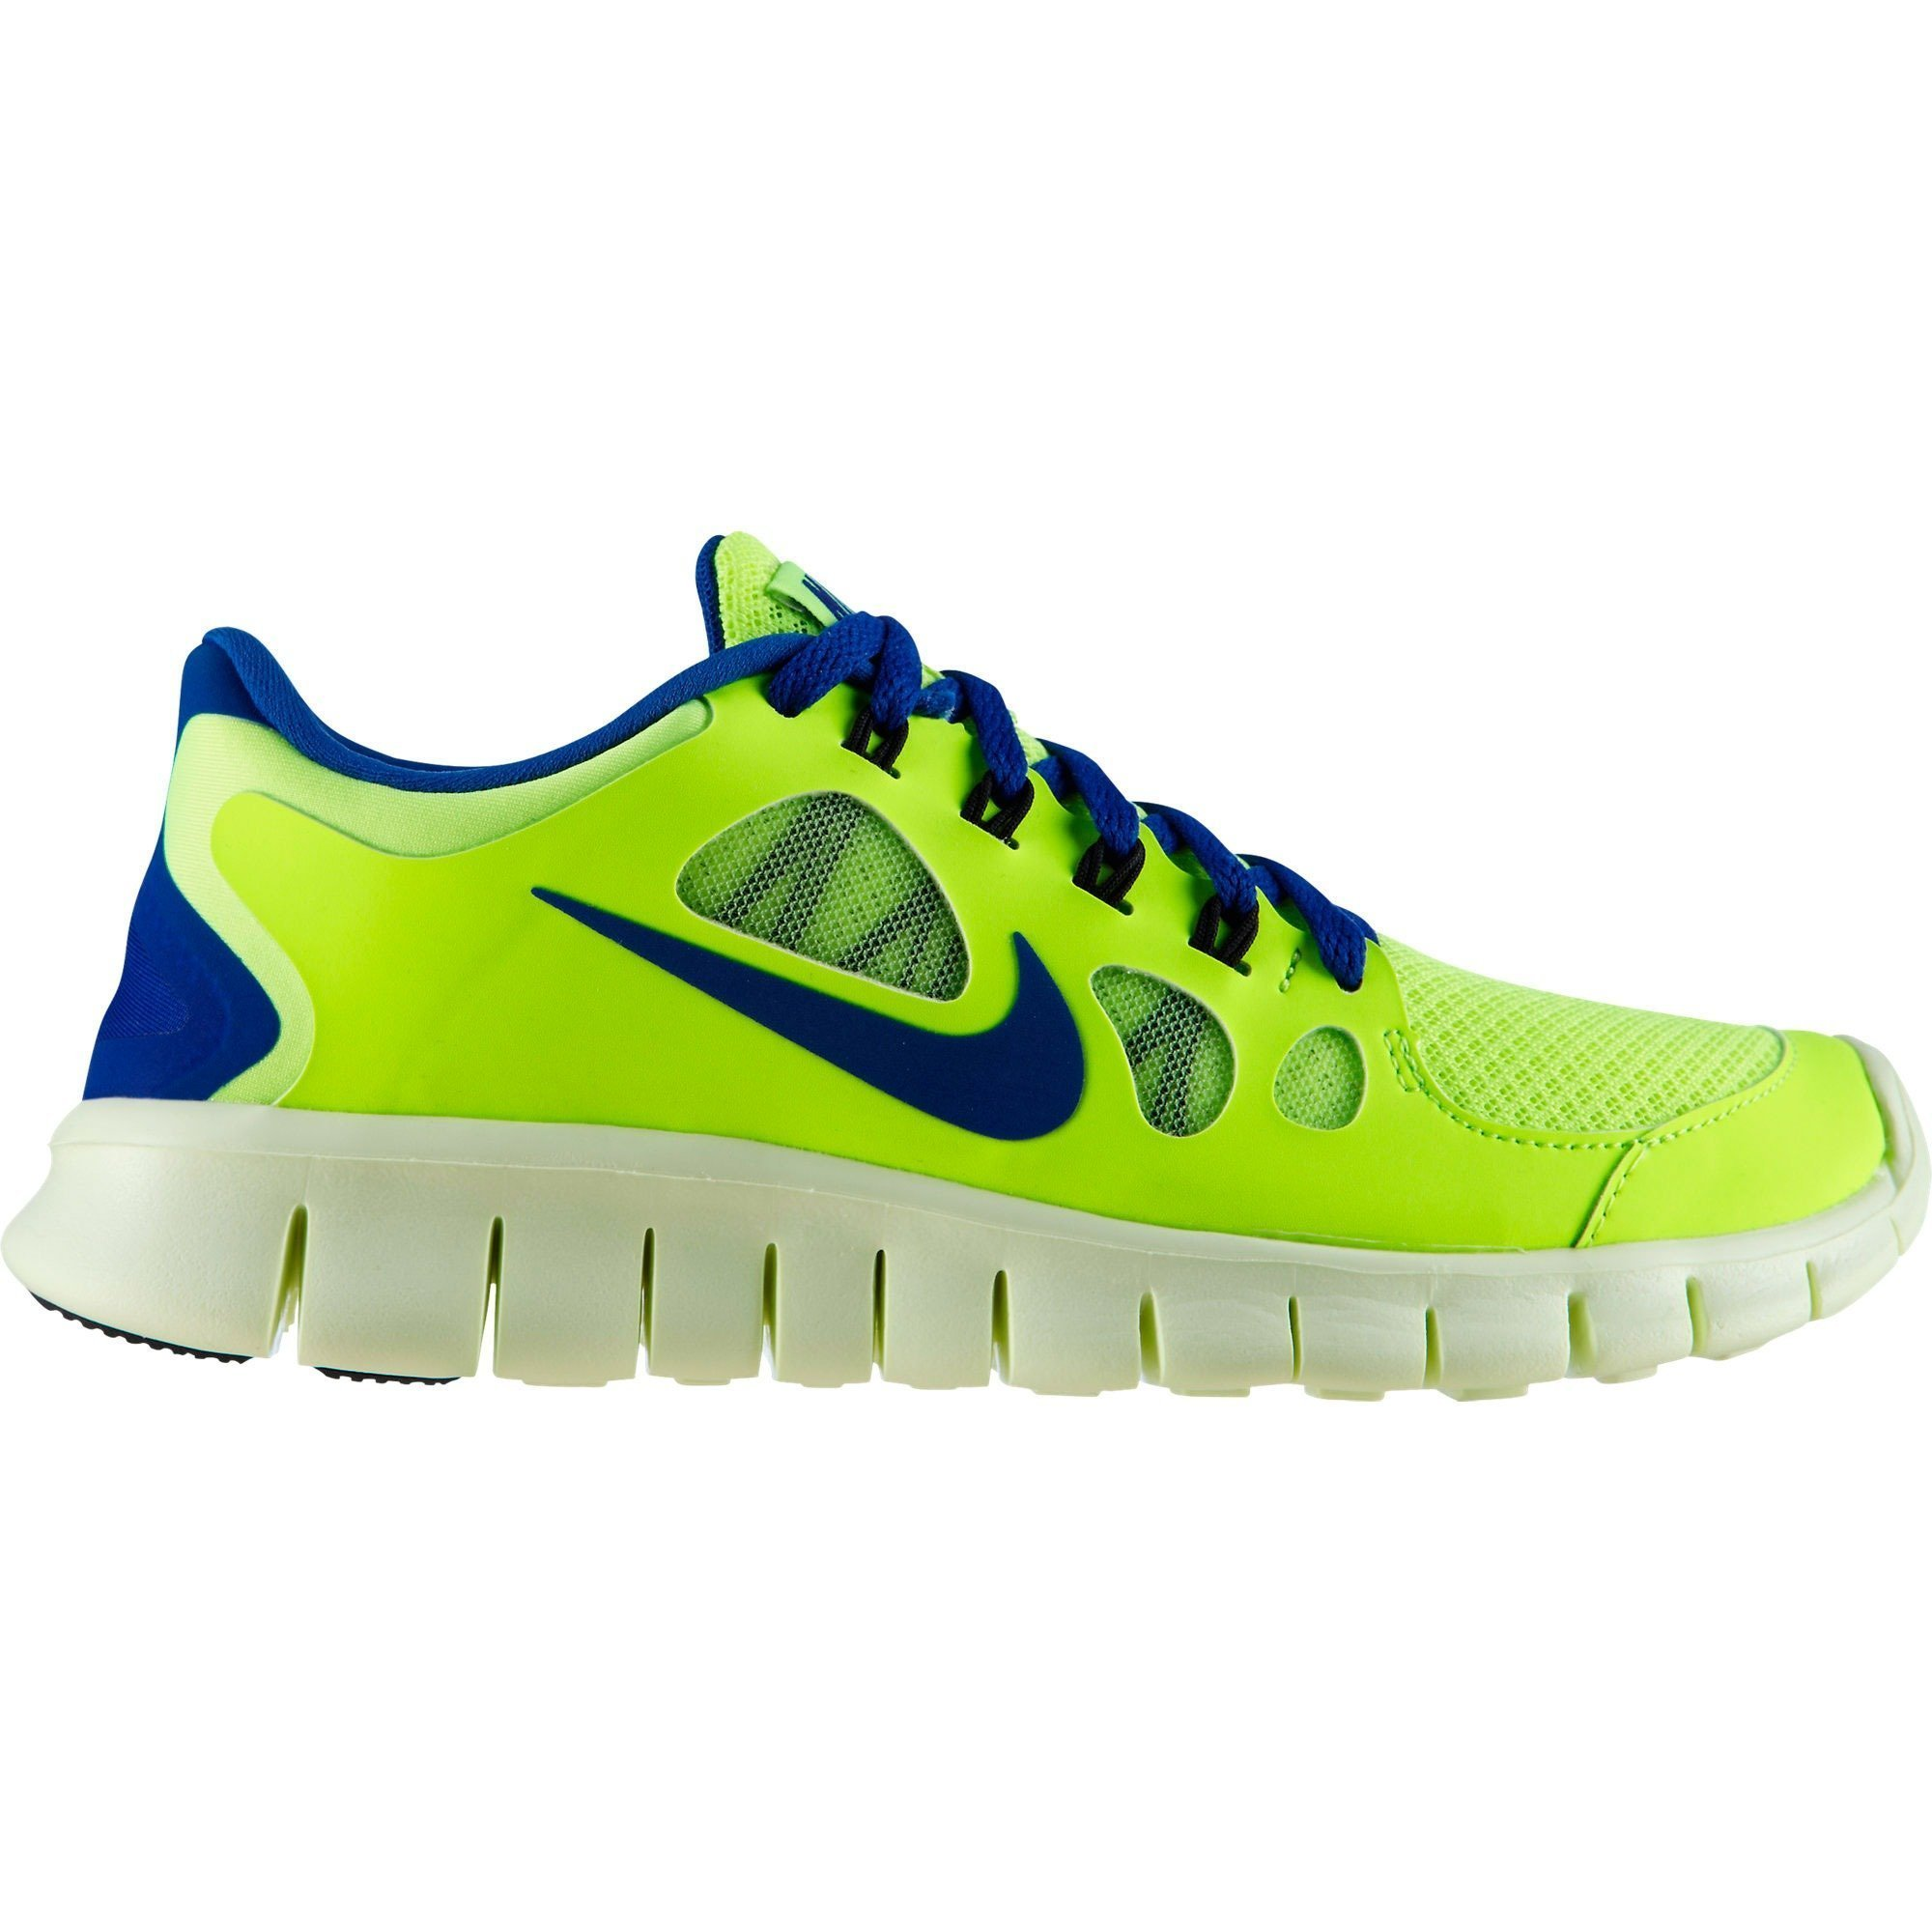 Nike free 5.0 junior fra Nike på billigsport24